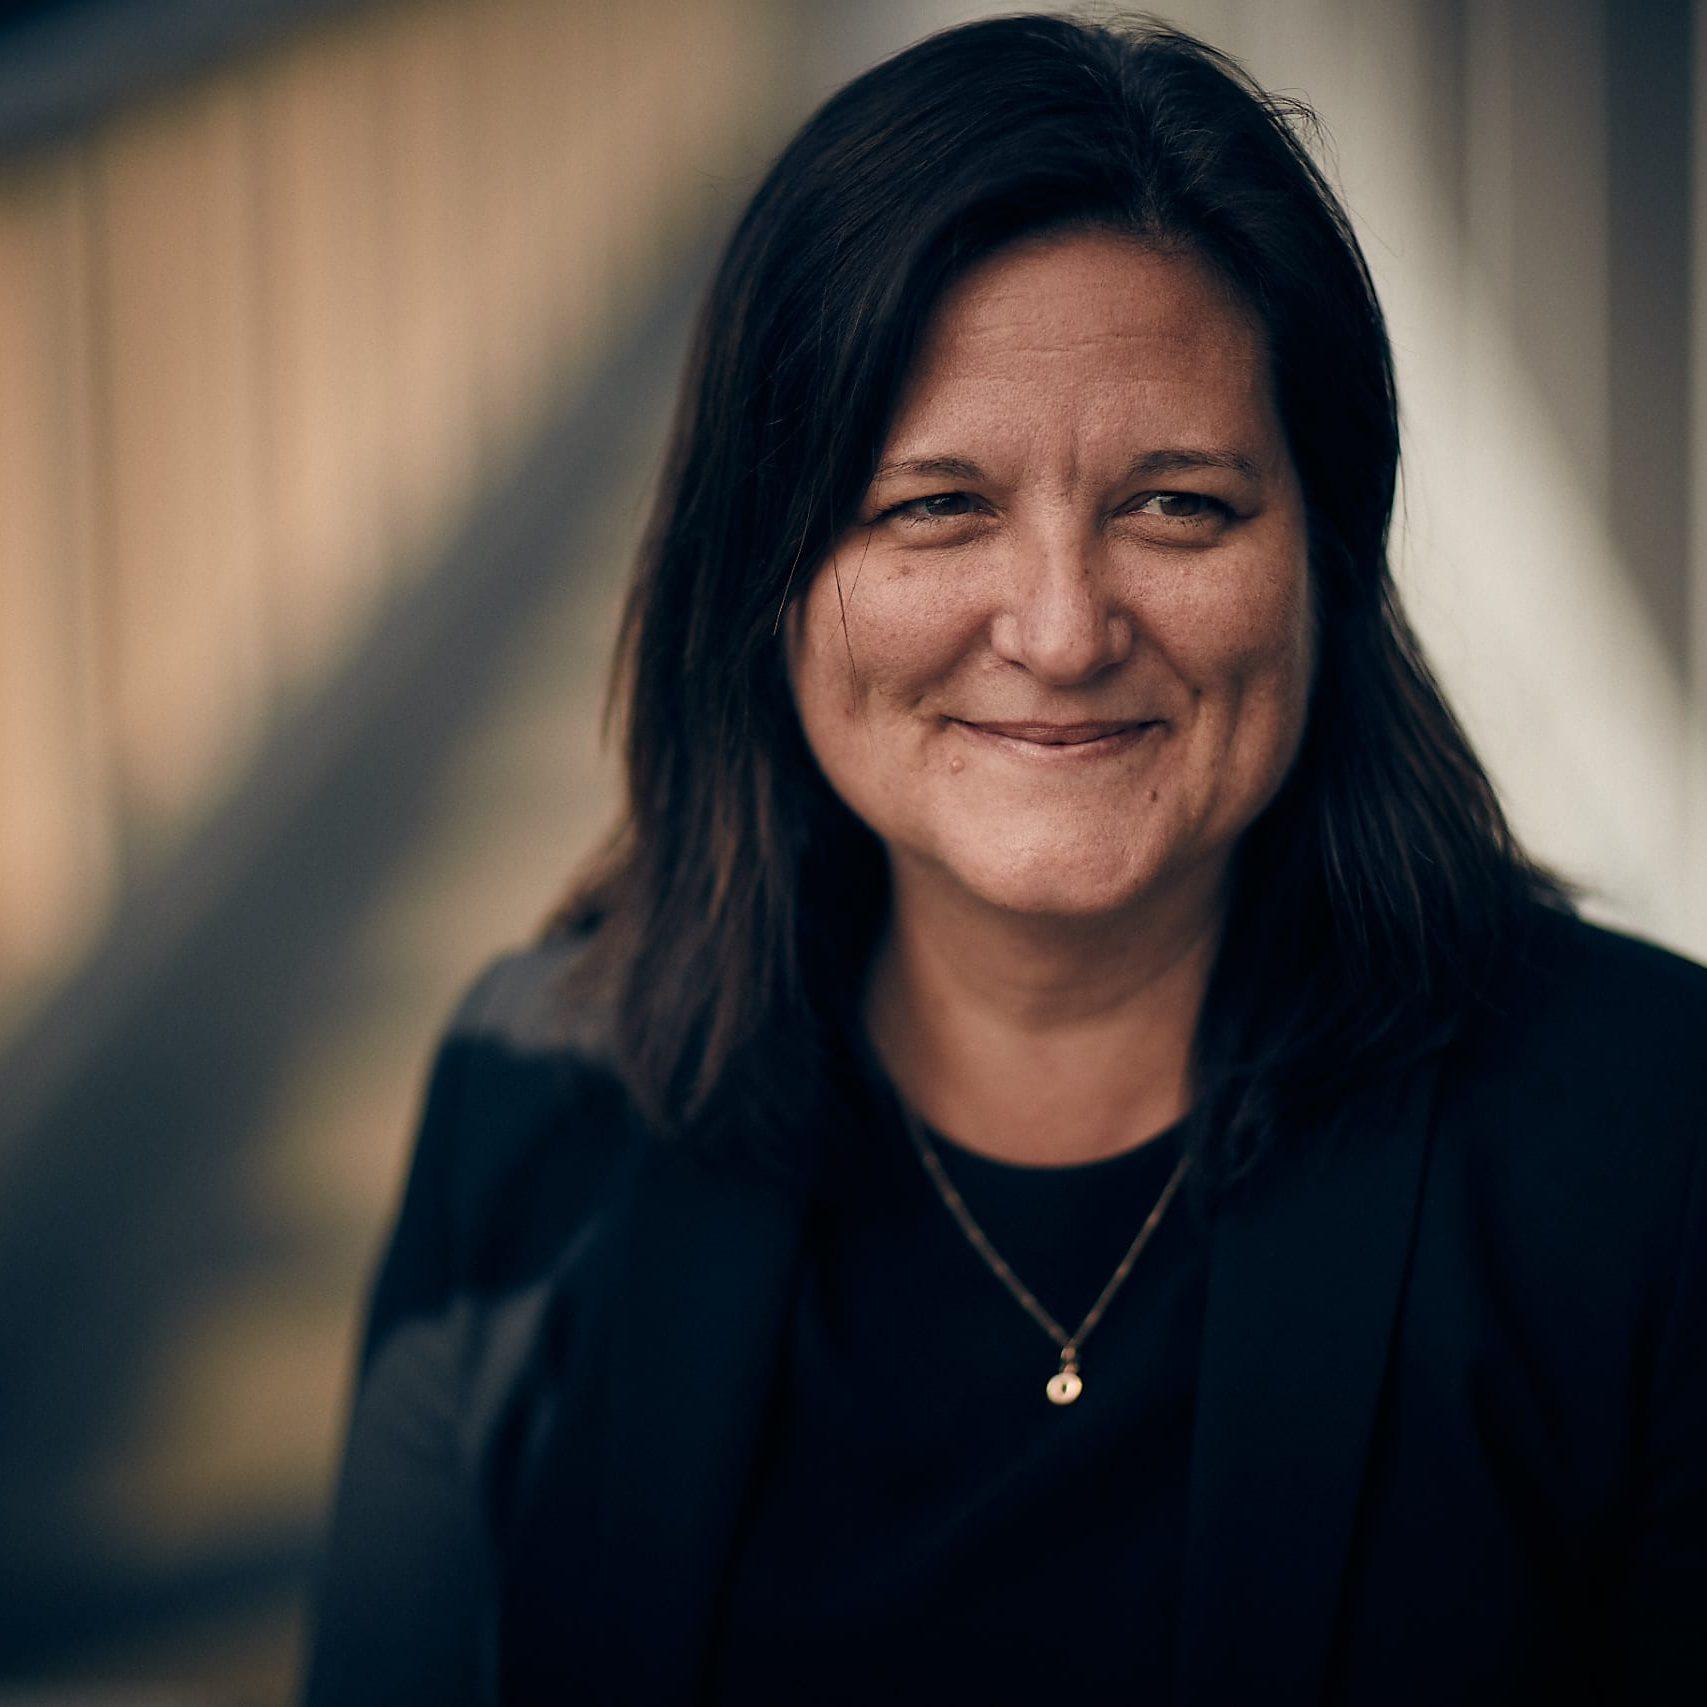 Katarina Tauson är Ekonomichef på One Agency